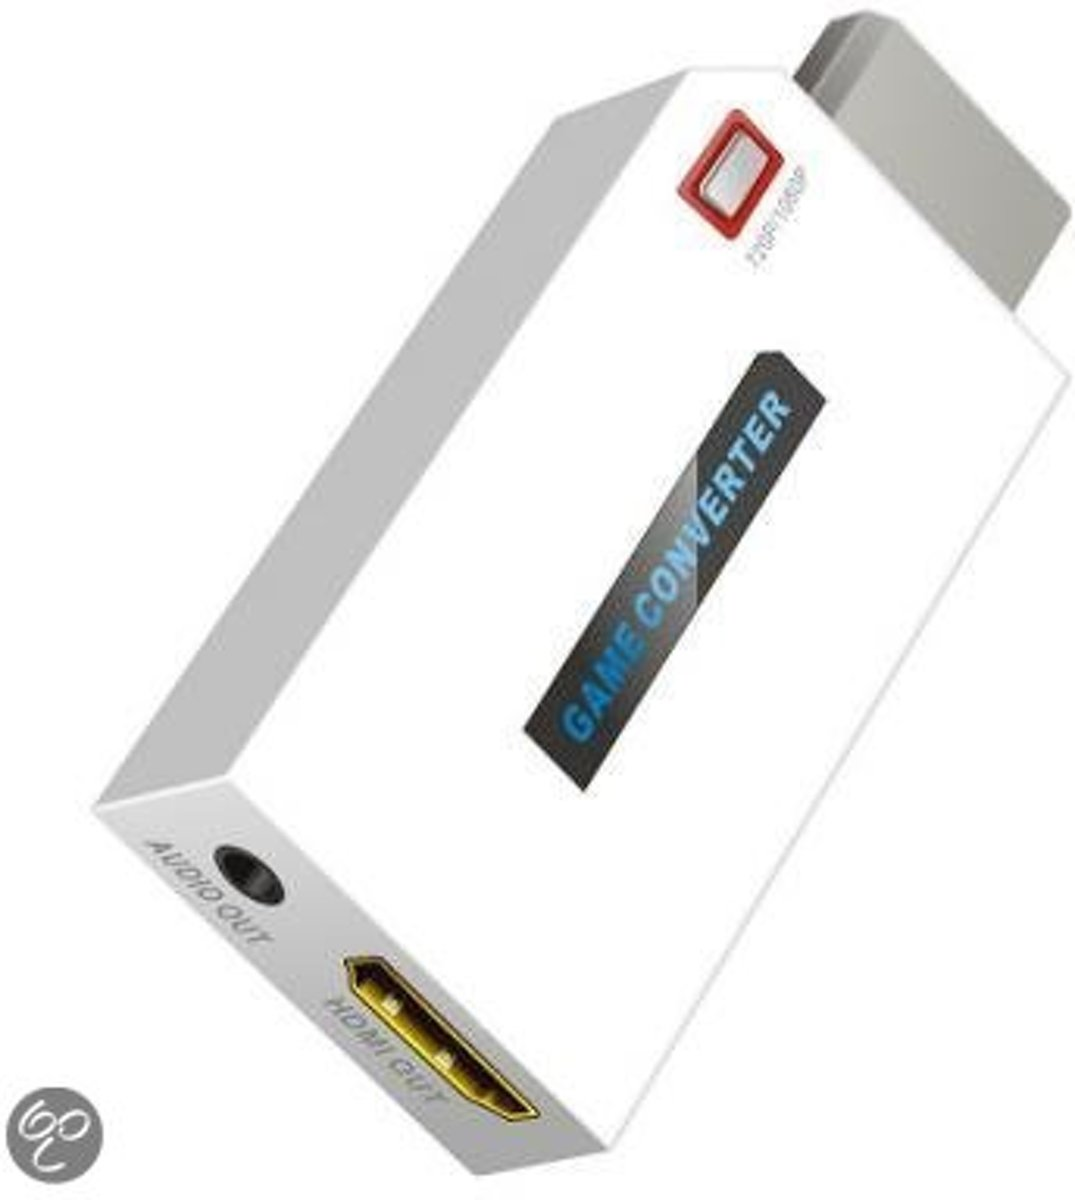 Techtube Pro LK6000-MINIAK